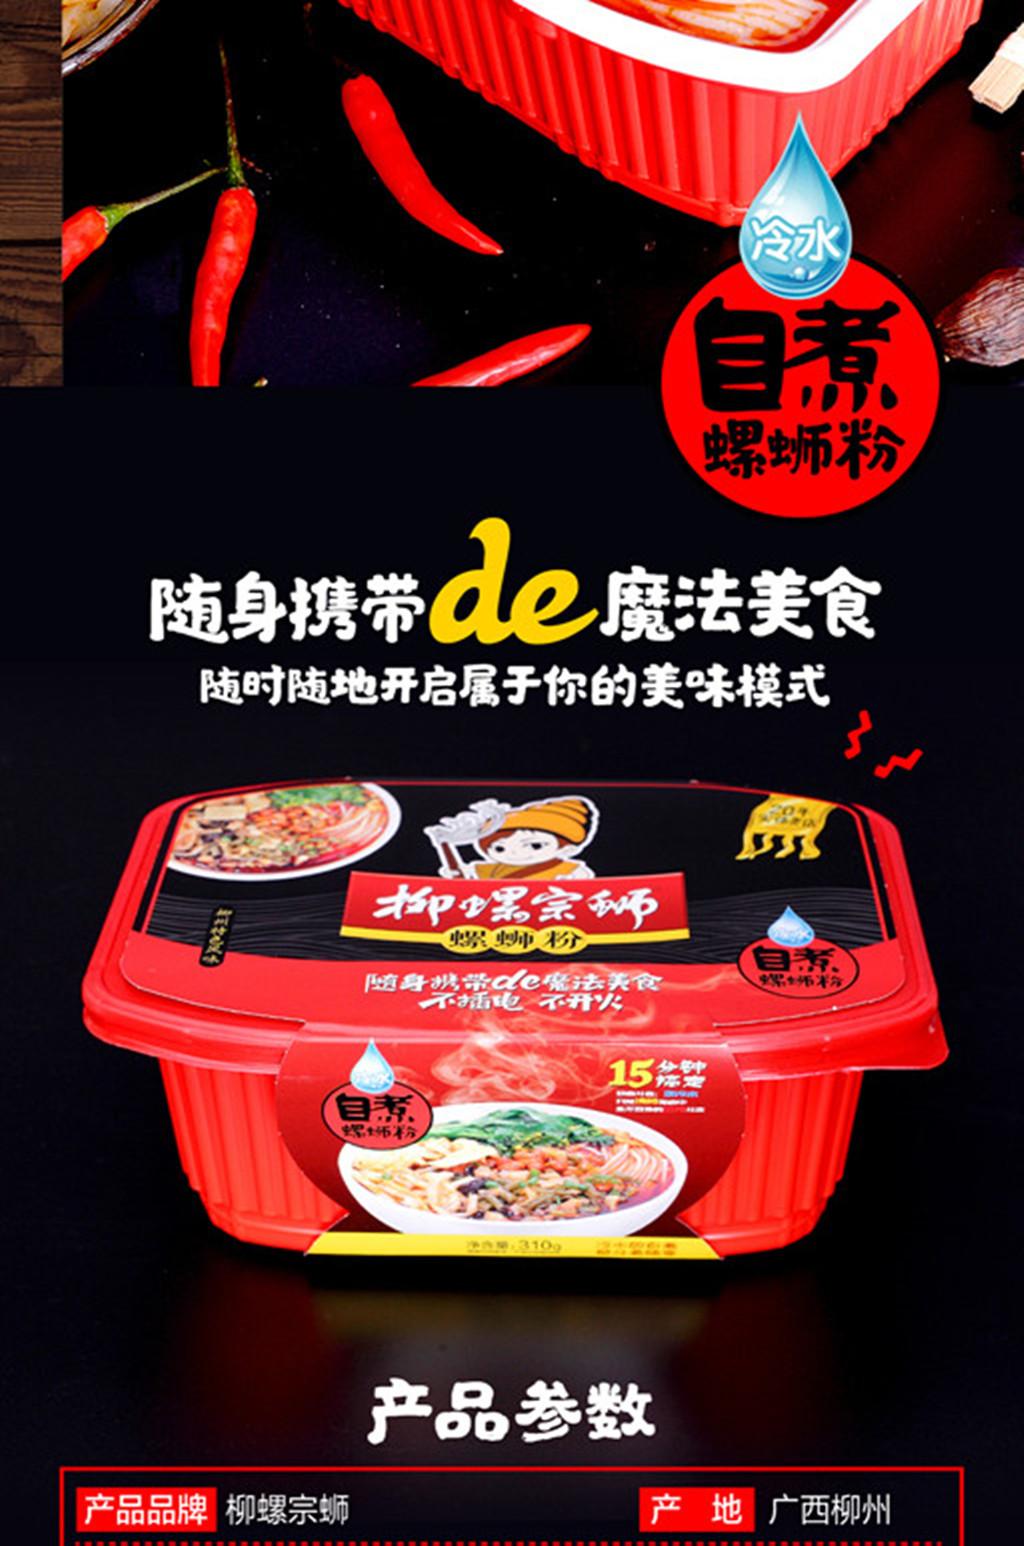 懒人自煮自热火锅正宗螺狮粉3盒装